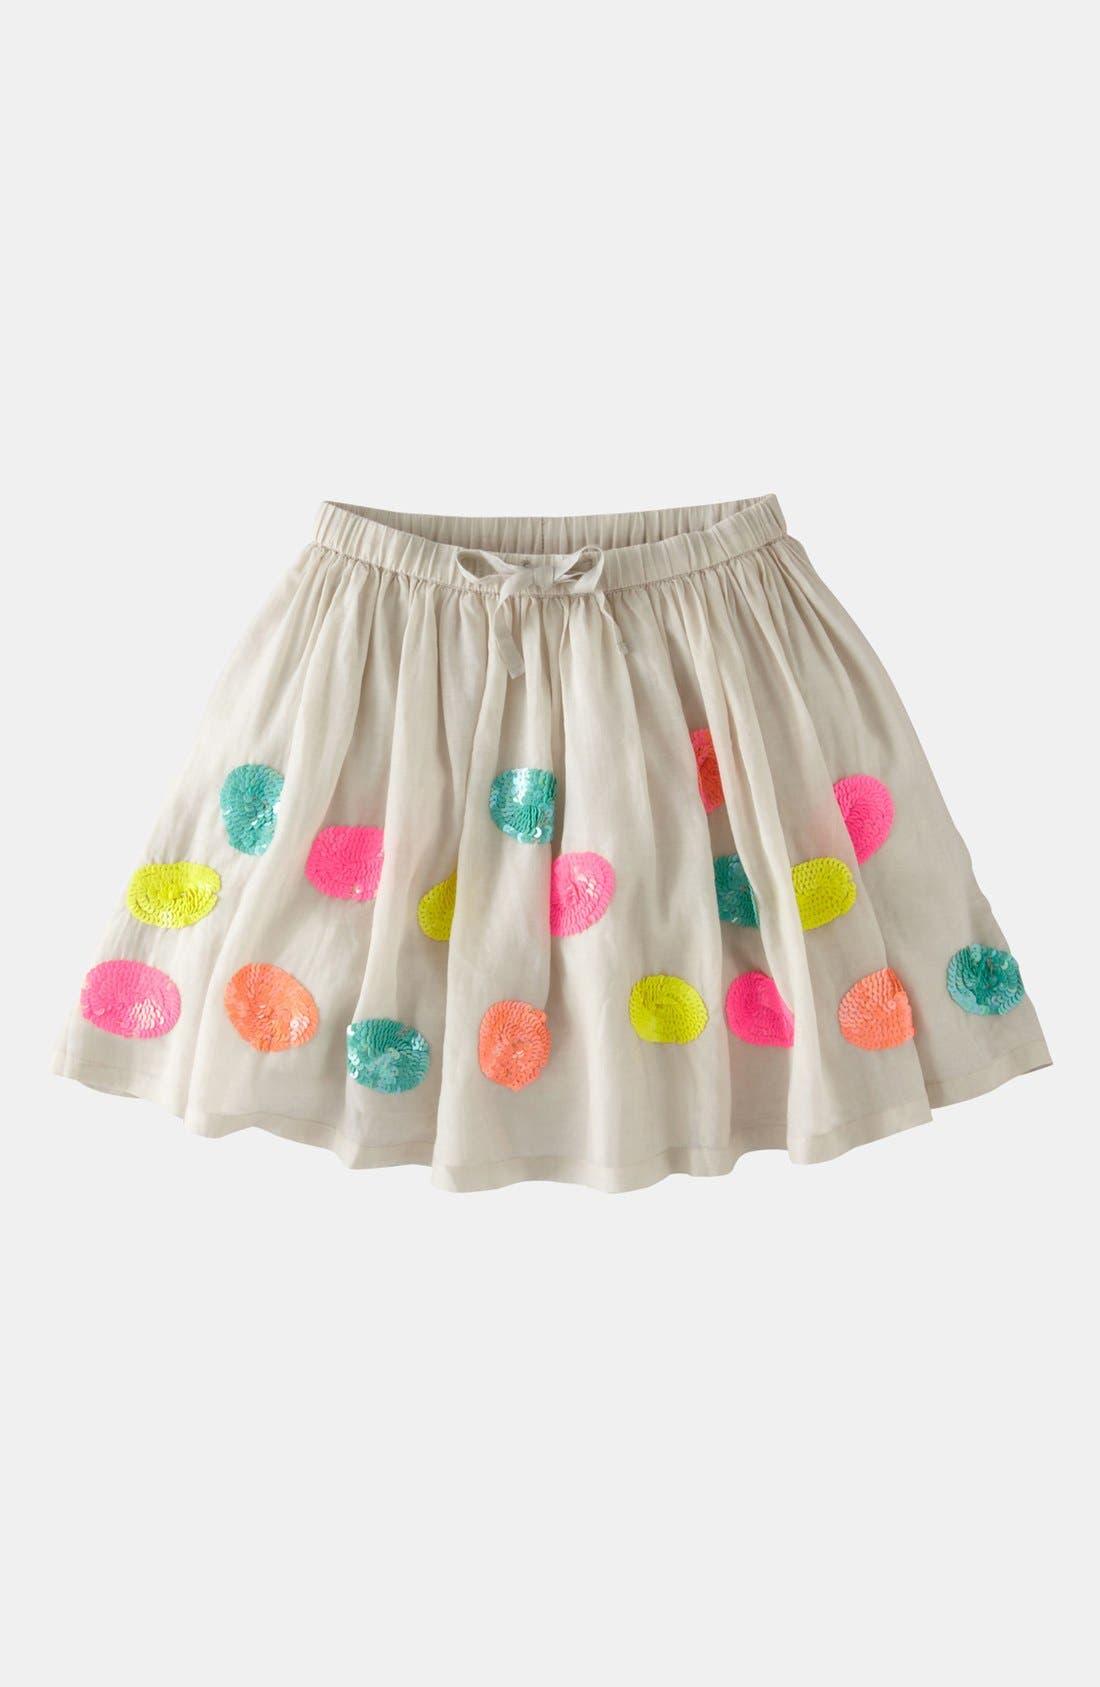 Alternate Image 1 Selected - Mini Boden 'Fizzy Sequin' Skirt (Little Girls & Big Girls)